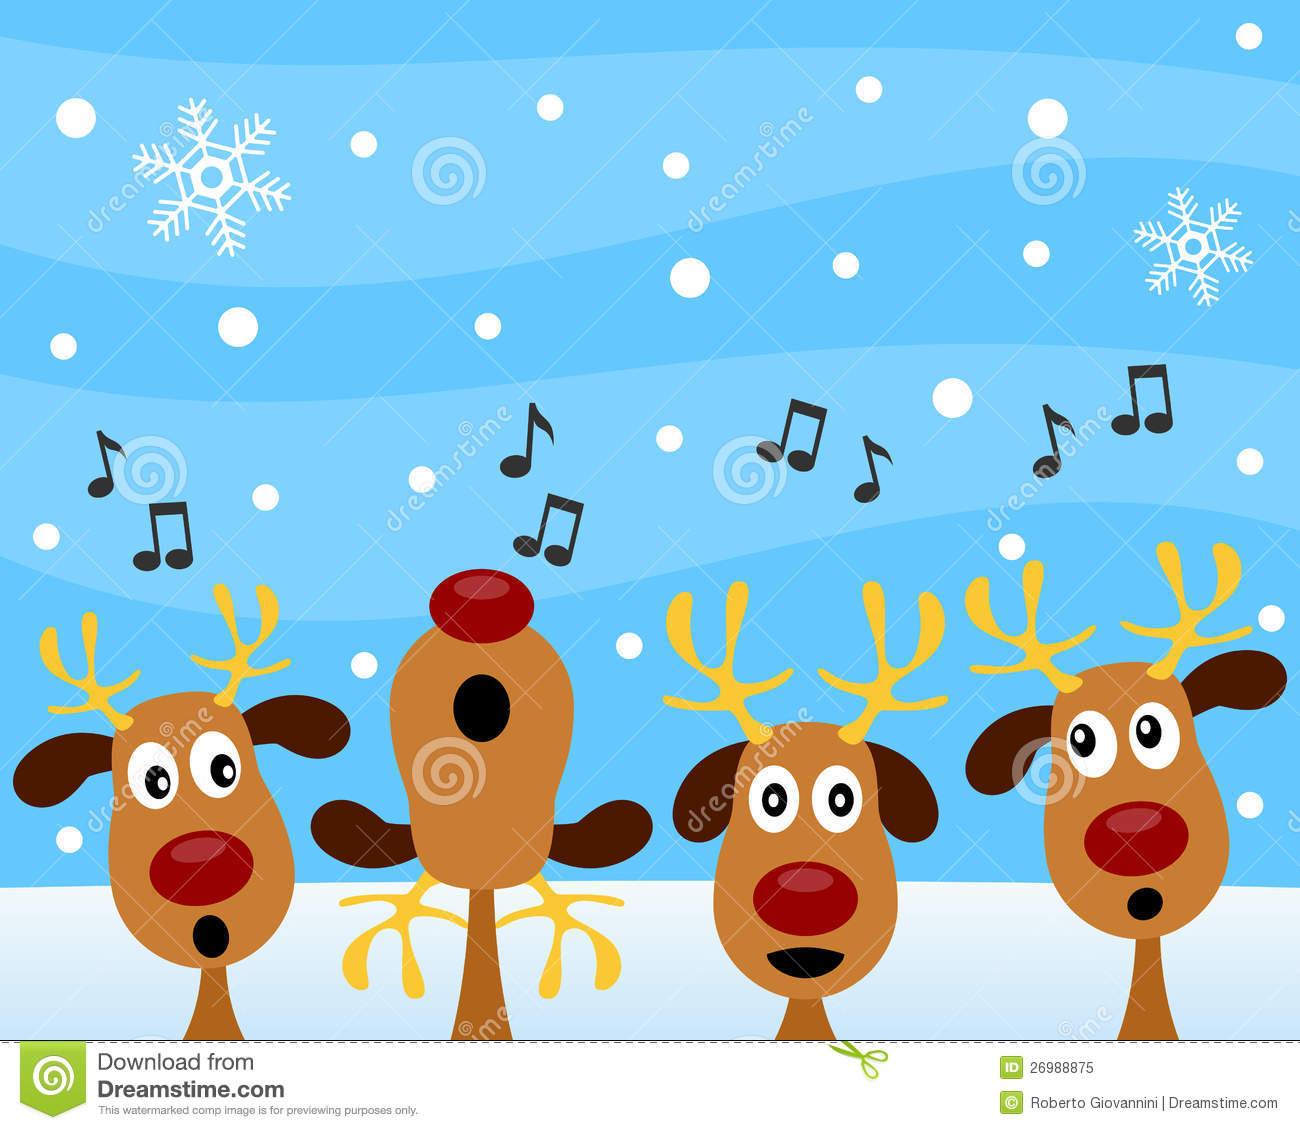 Clipart Reindeer Singing Christmas Carols.